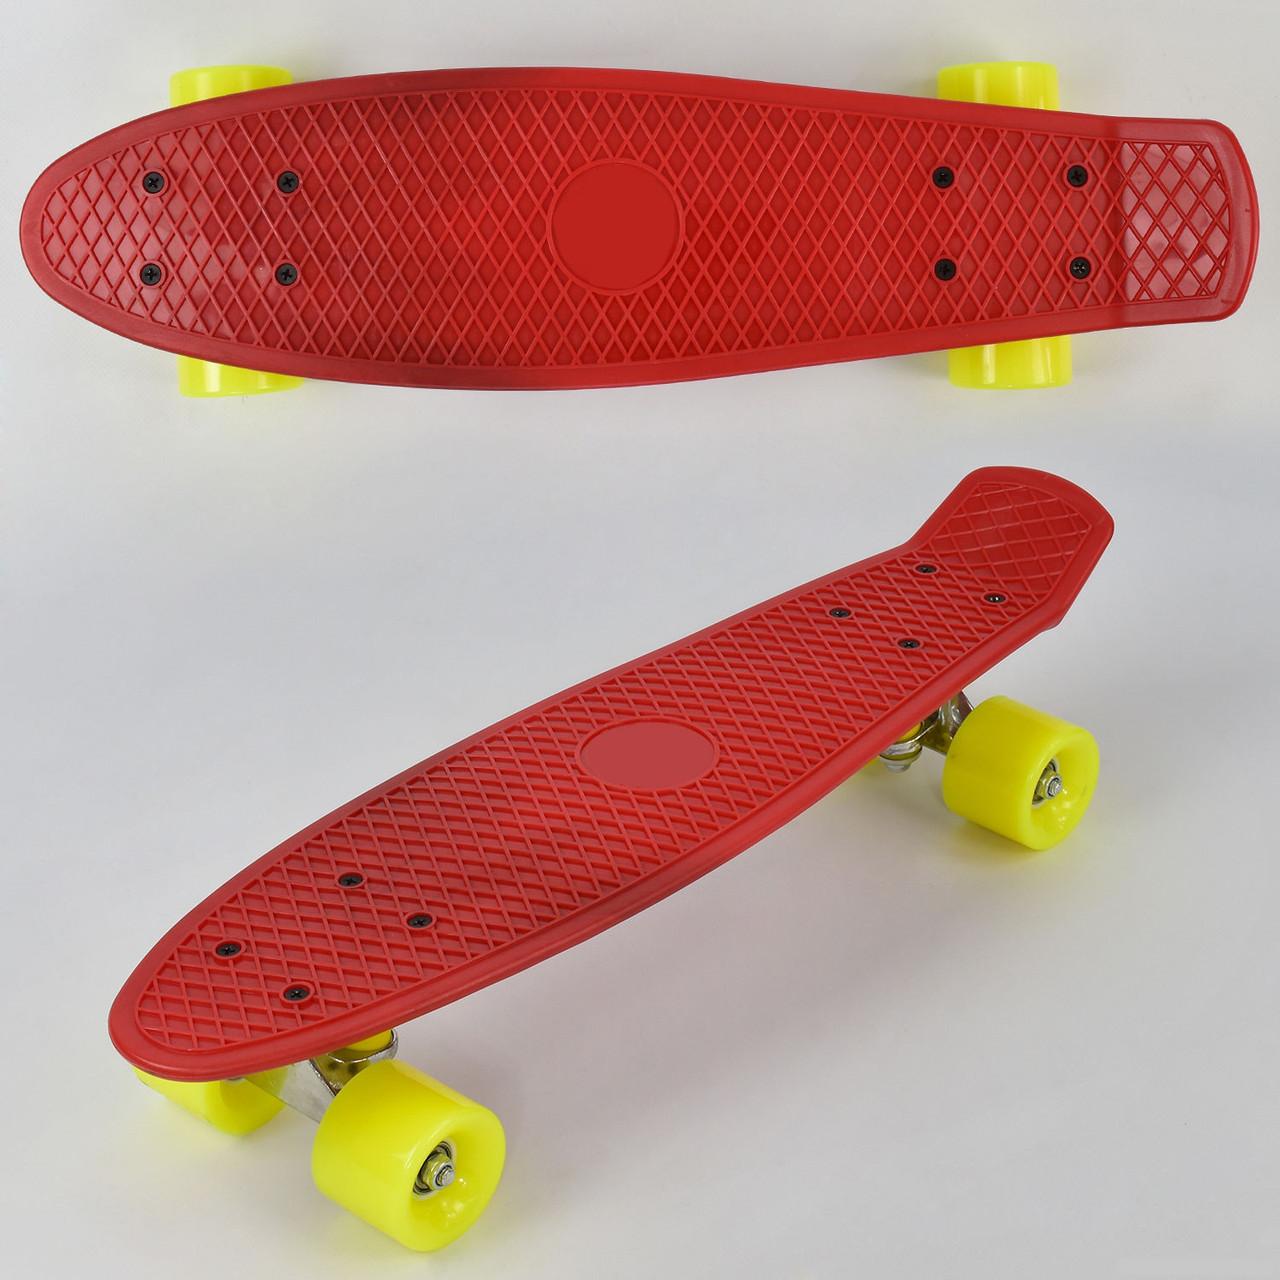 Скейт Пенни Борд (Penny Board) матовые колеса. 22 дюйма. Красный